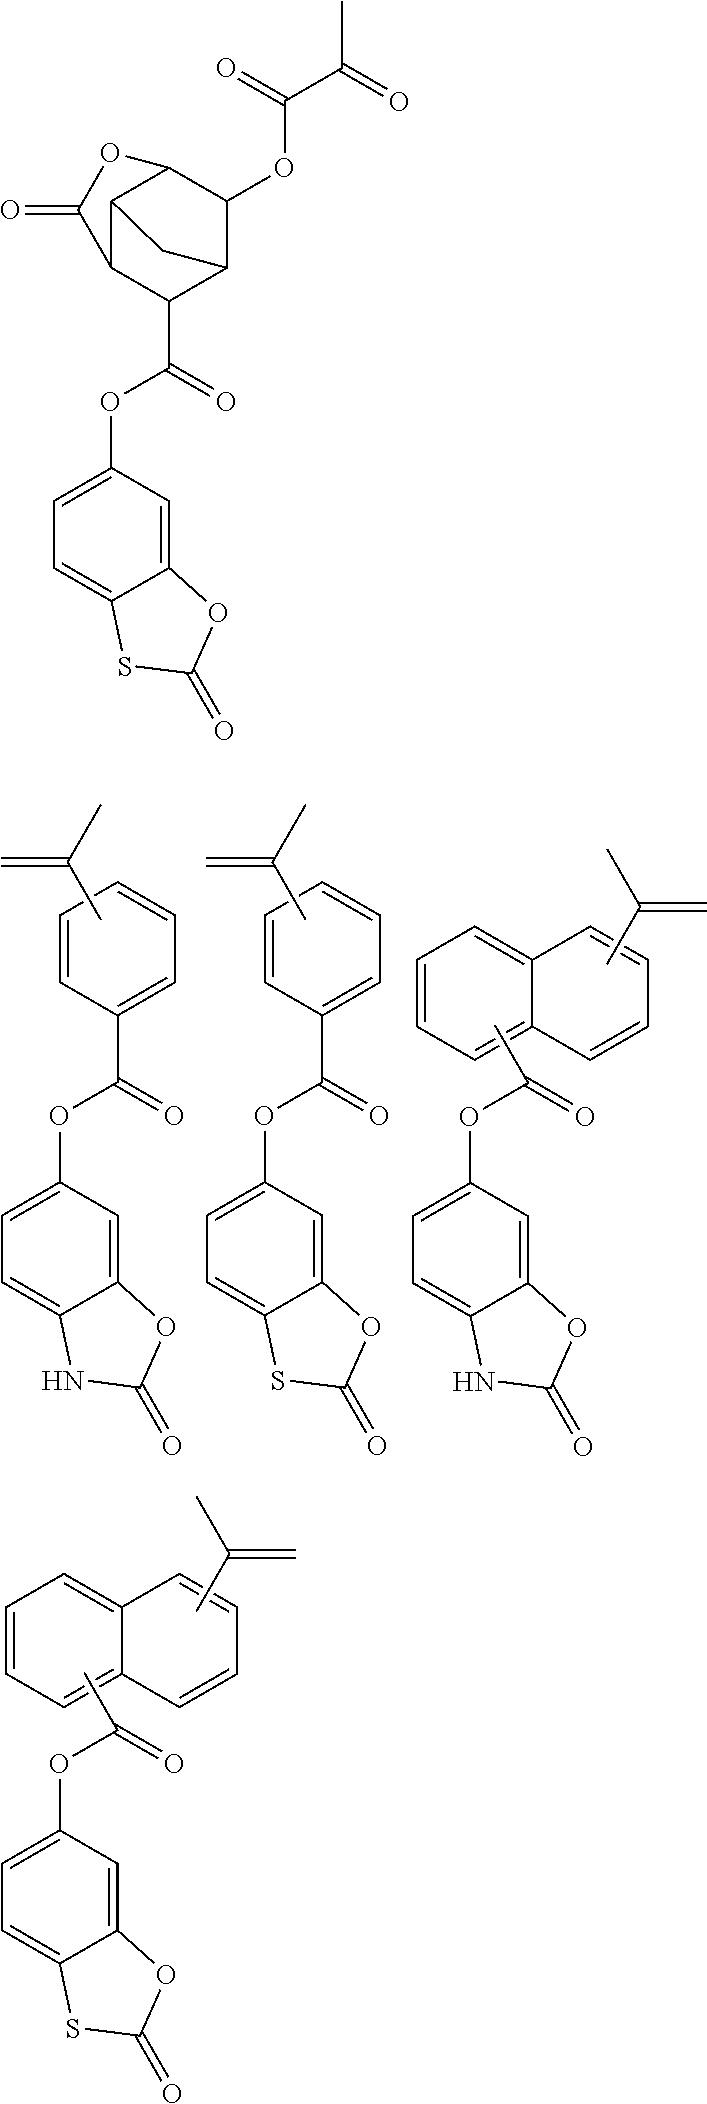 Figure US20110294070A1-20111201-C00050